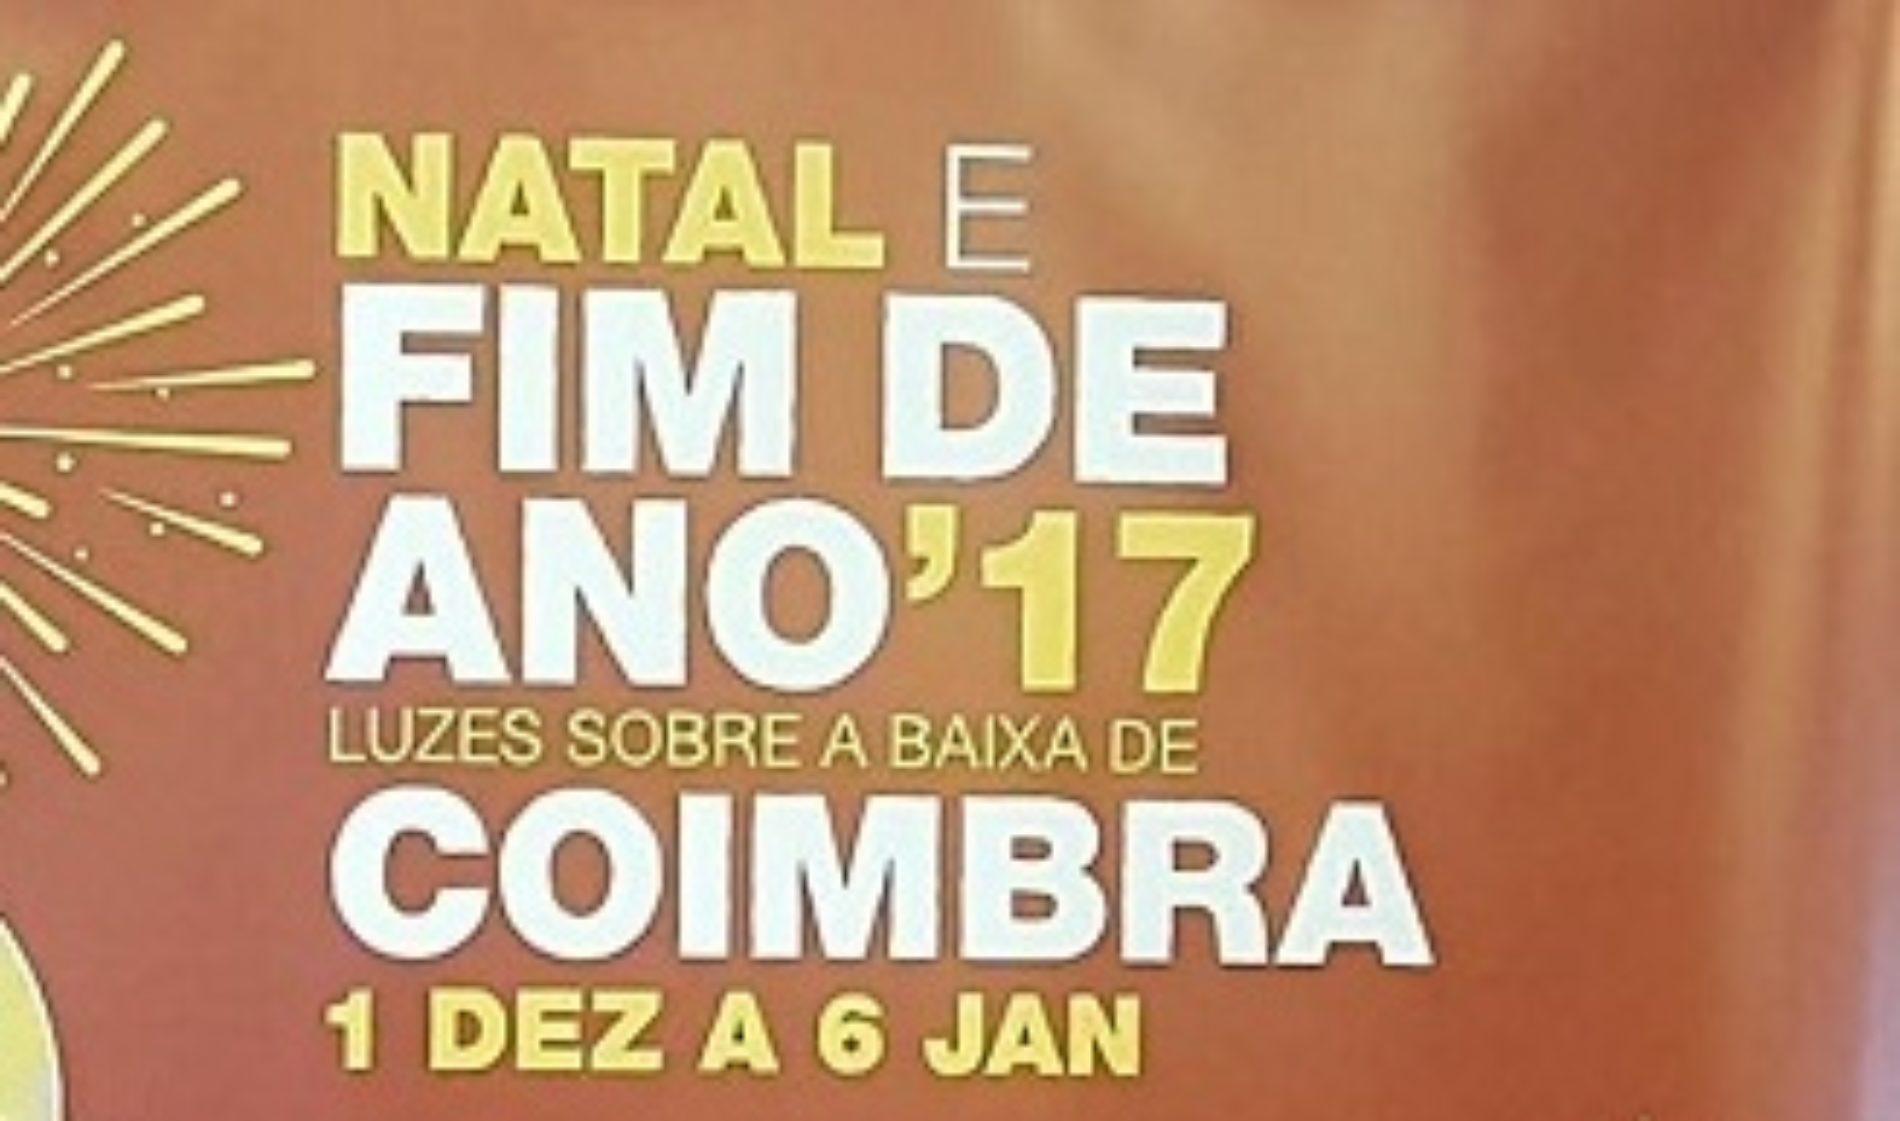 Coimbra com 45 dias de festa em Programa de Natal e Fim de Ano